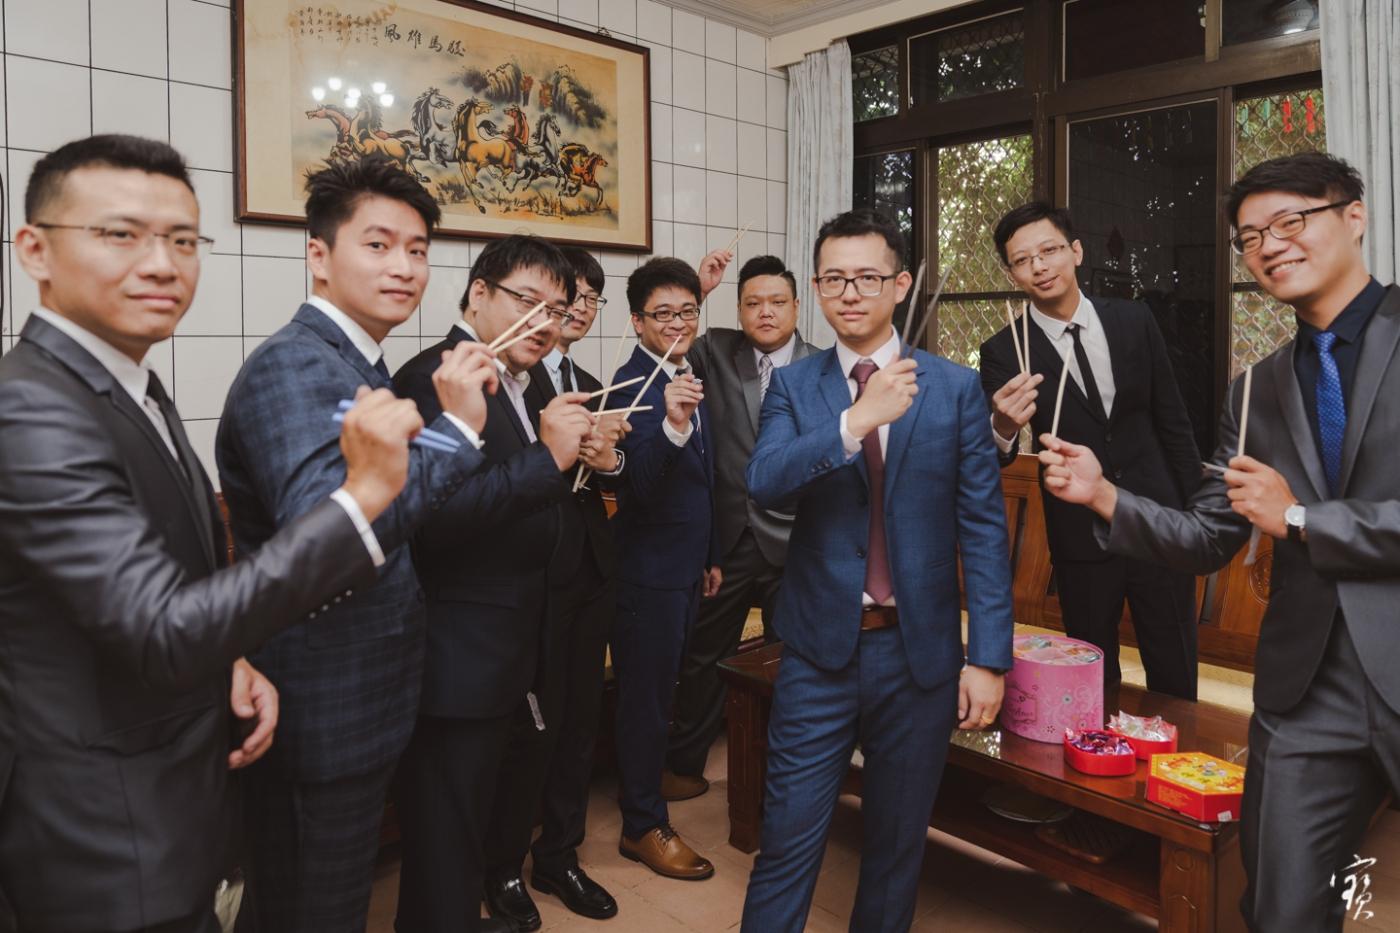 桃園婚禮 晶麒莊園 婚禮攝影 攝影師大寶 北部攝影 桃園攝影 新竹攝影 台北攝影 婚攝 早儀晚宴 1071014-32